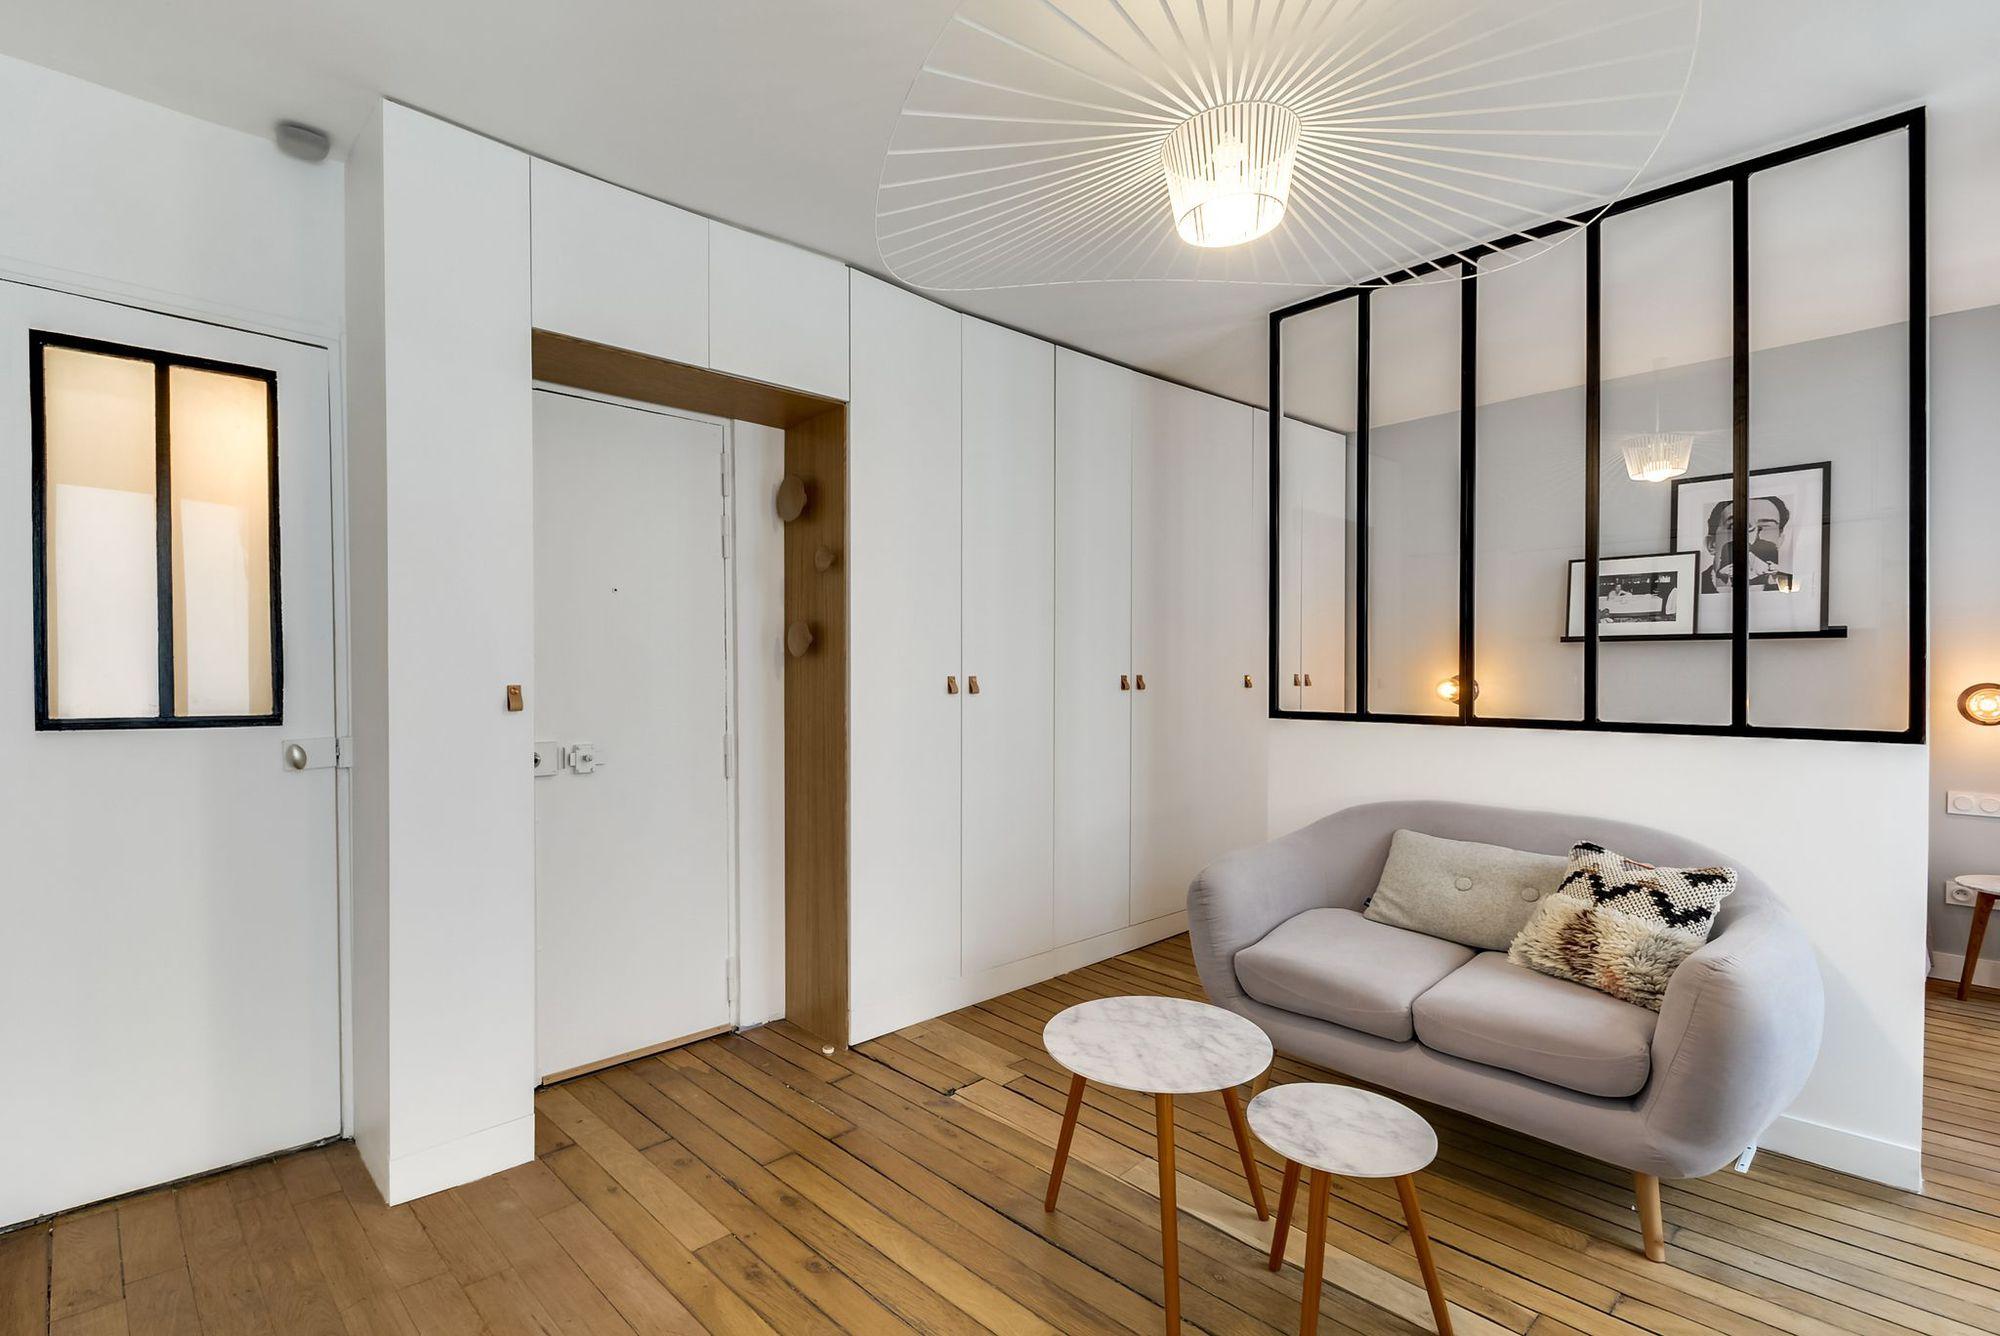 double-verriere-dans-studio-scandinave_5588151